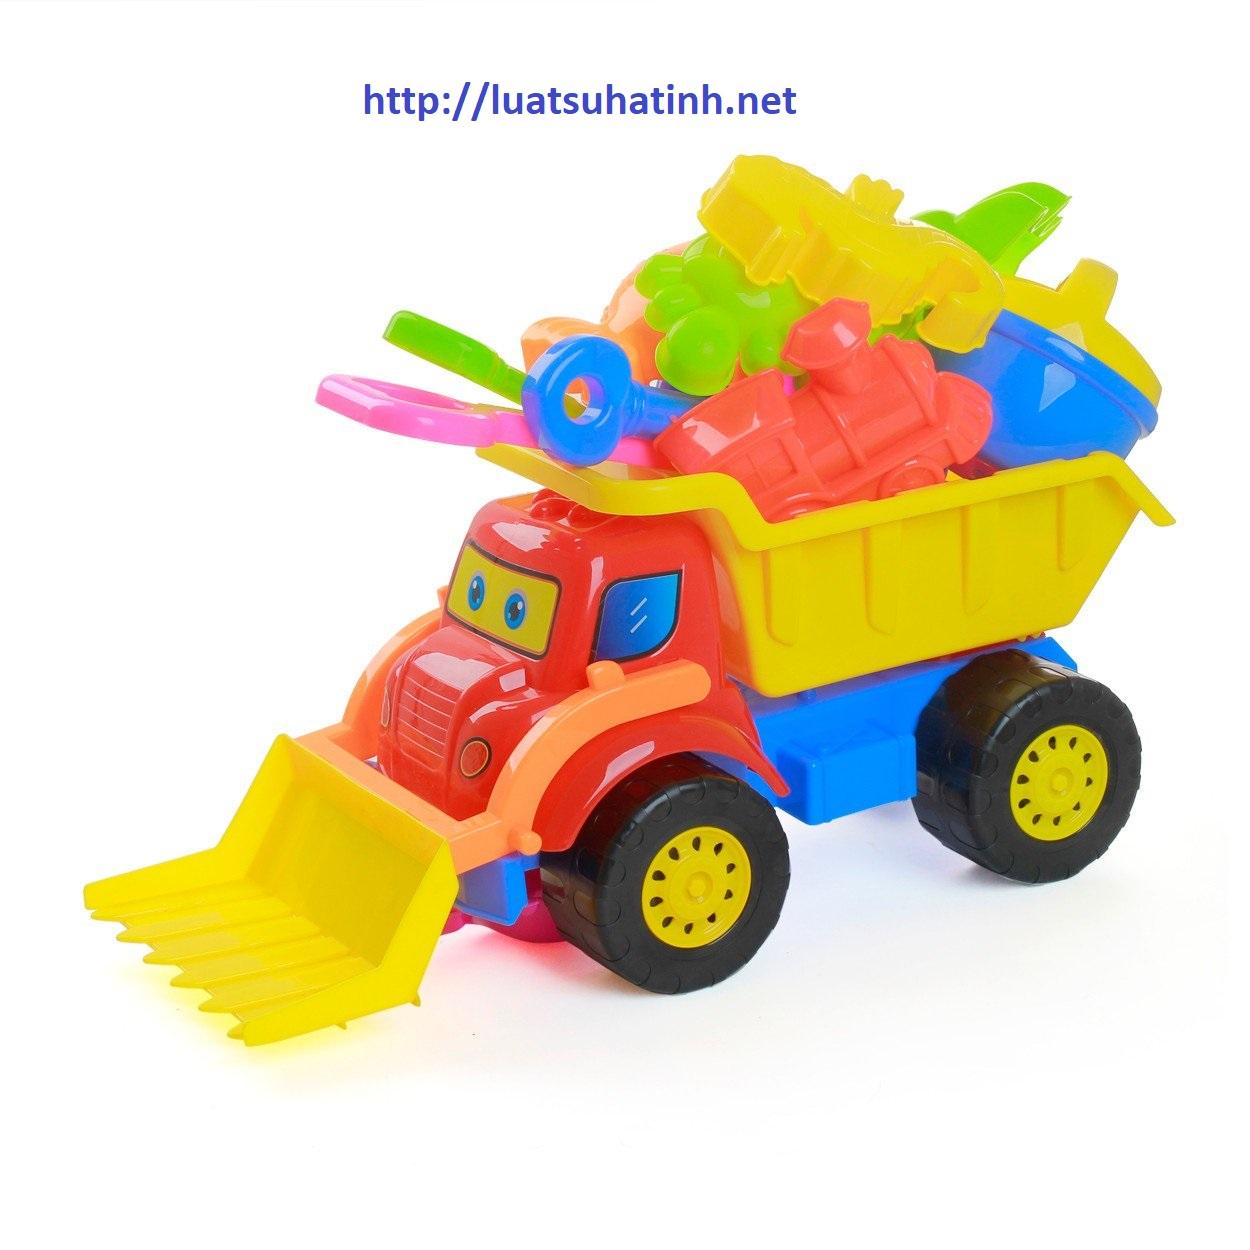 Thủ tục đăng kí nhãn hiệu đồ chơi tại Hà Tĩnh